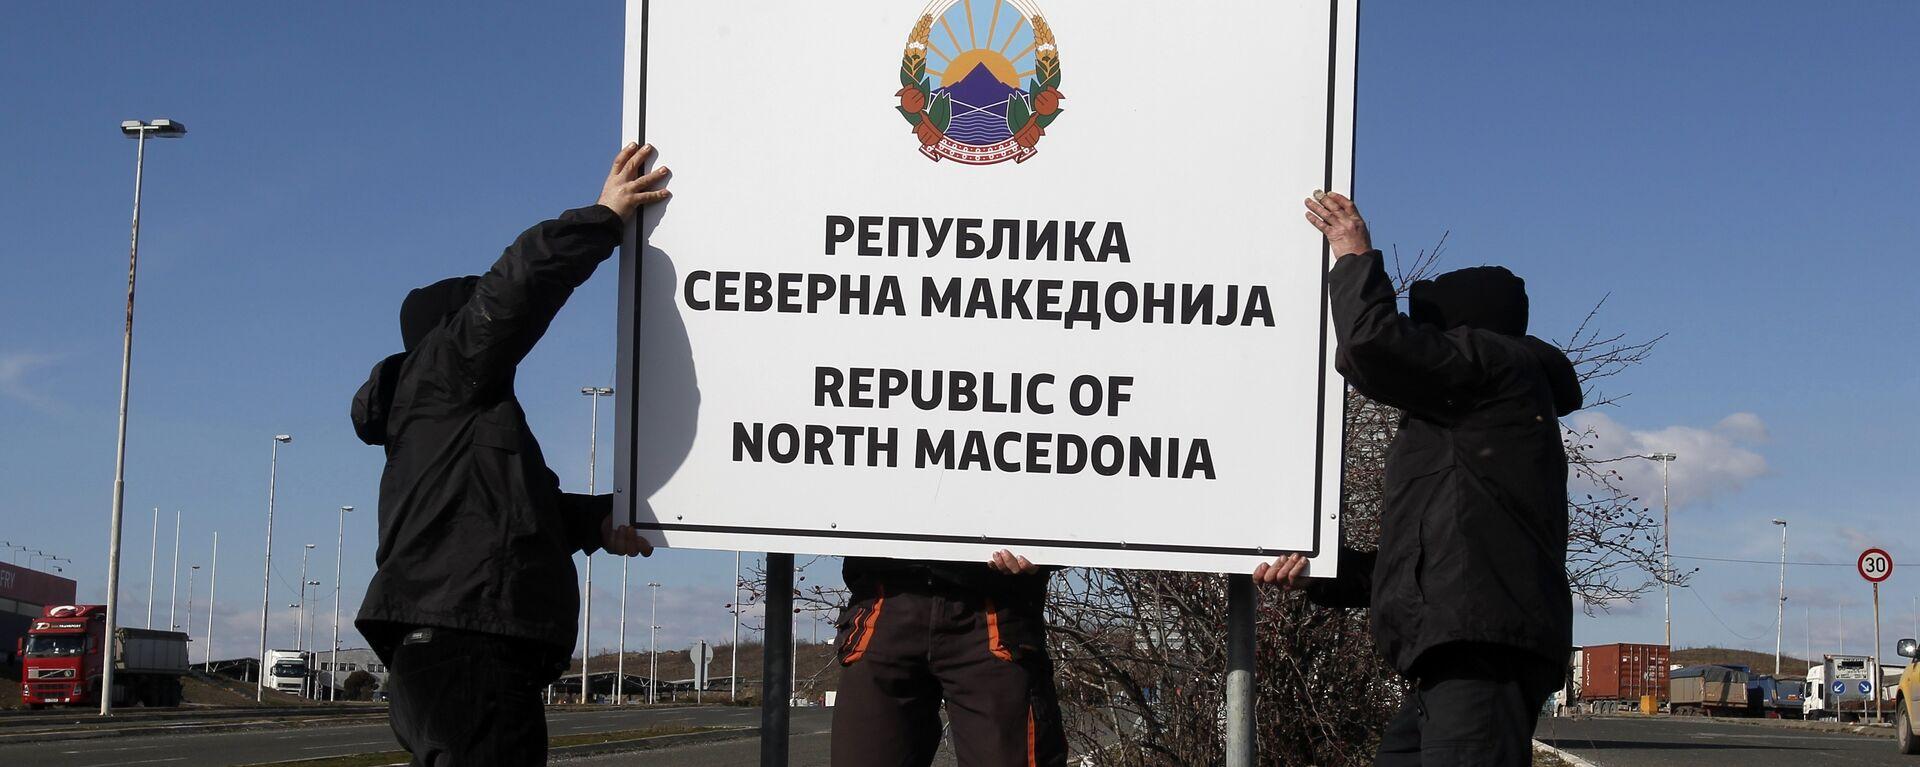 Tabla Severne Makedonije - Sputnik Srbija, 1920, 23.06.2021